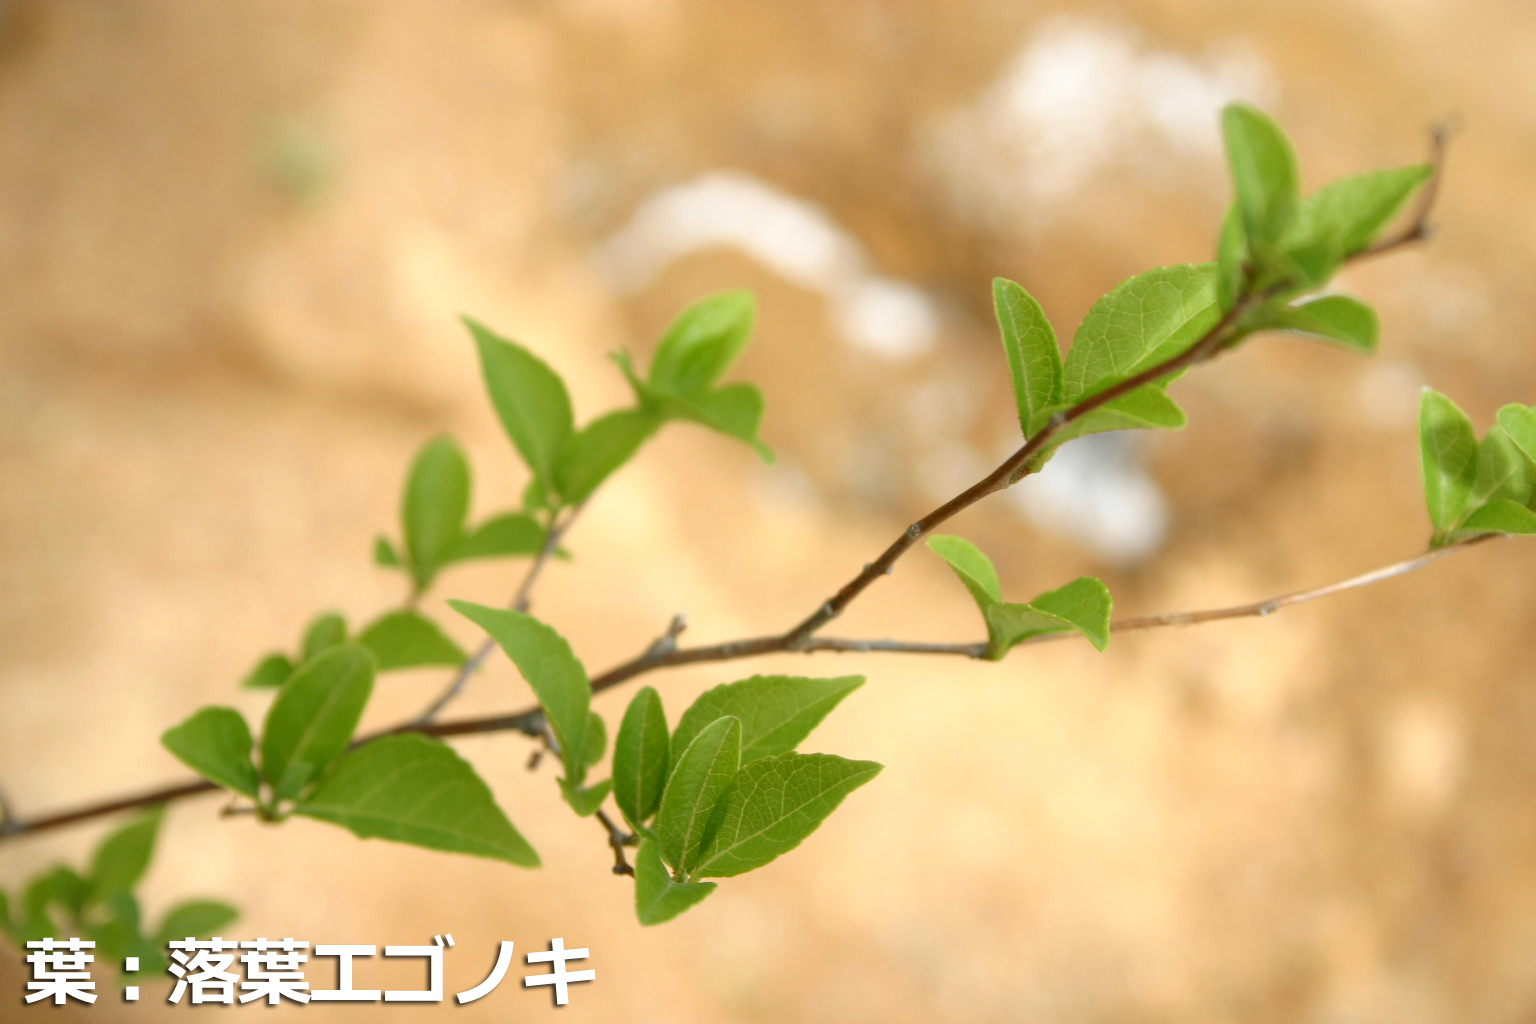 エゴノキの葉